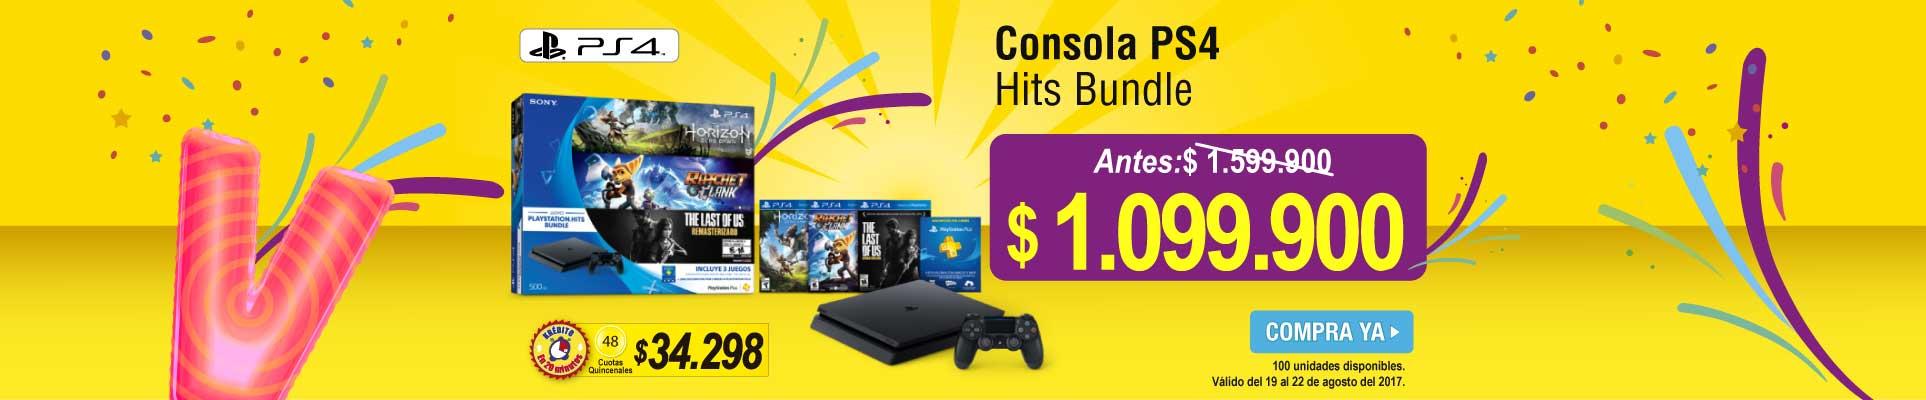 Consola PS4 Hits Bundle - banner principal